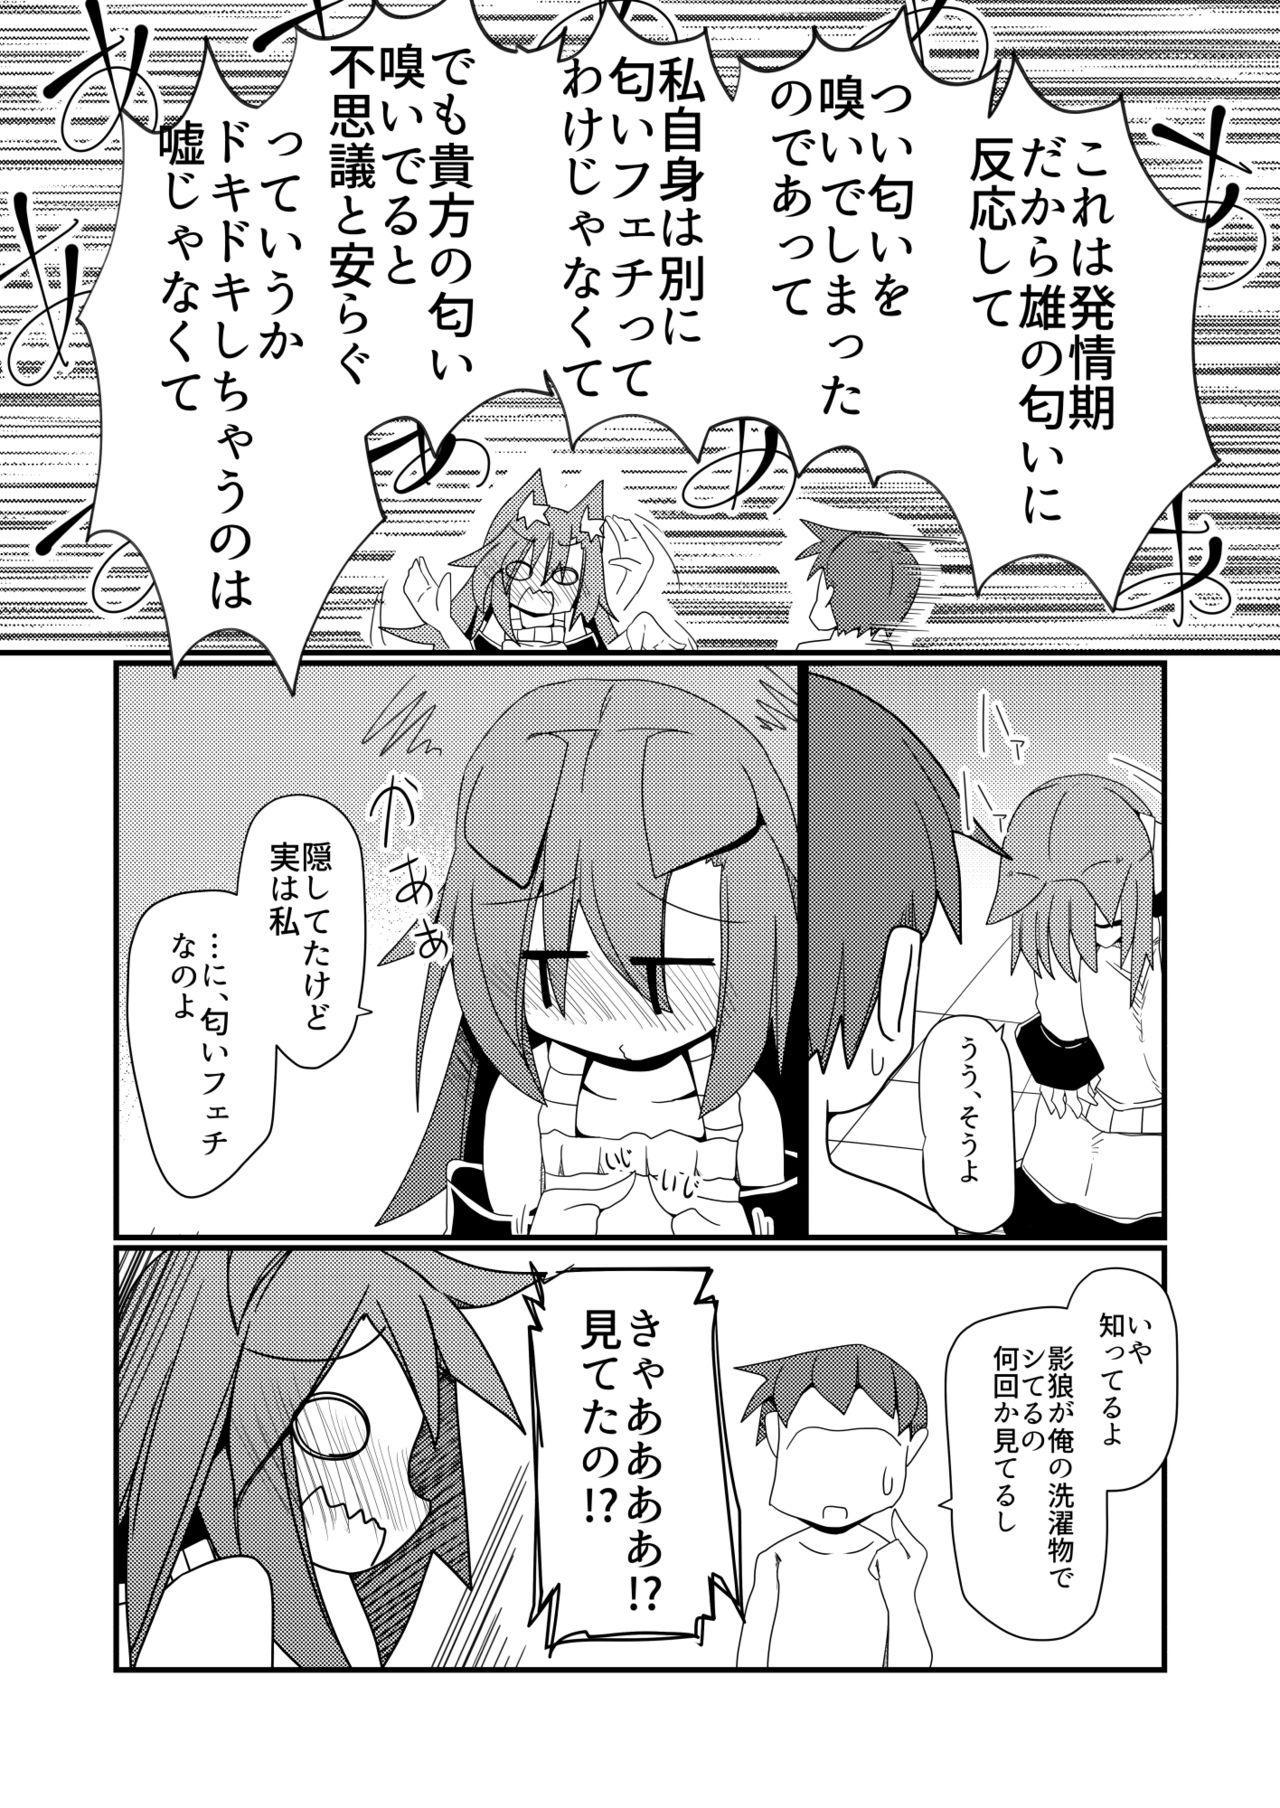 Anata no Nioi ni Tsutsumarete 4